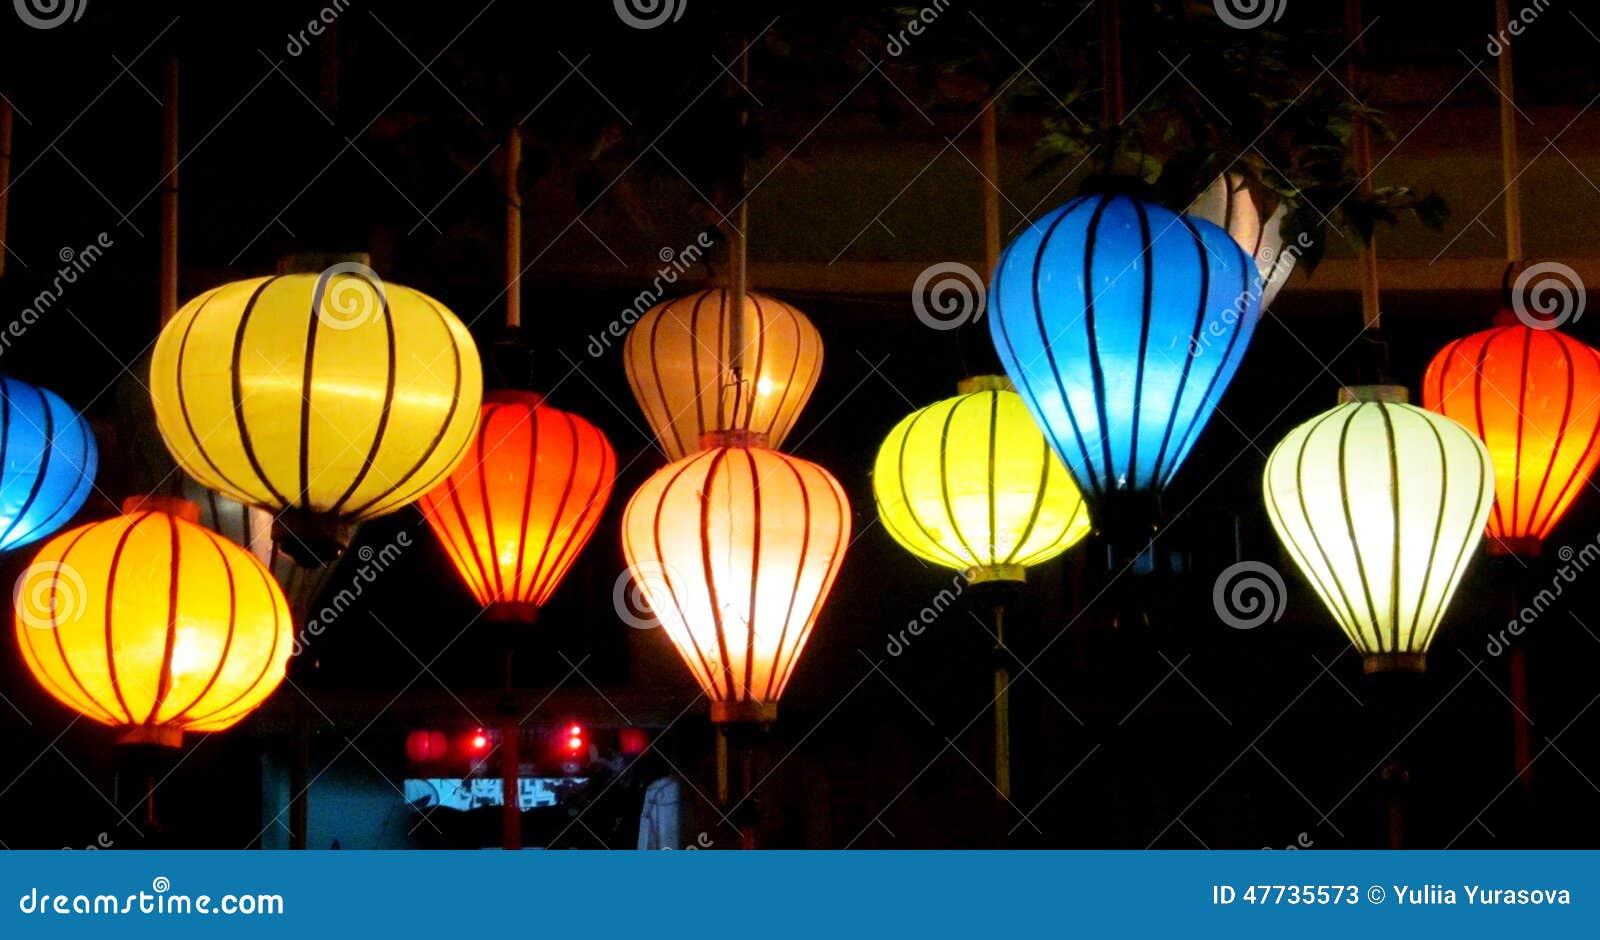 Decorazioni Con Lanterne Cinesi : Lanterne culorful asiatiche tradizionali al mercato del cinese di